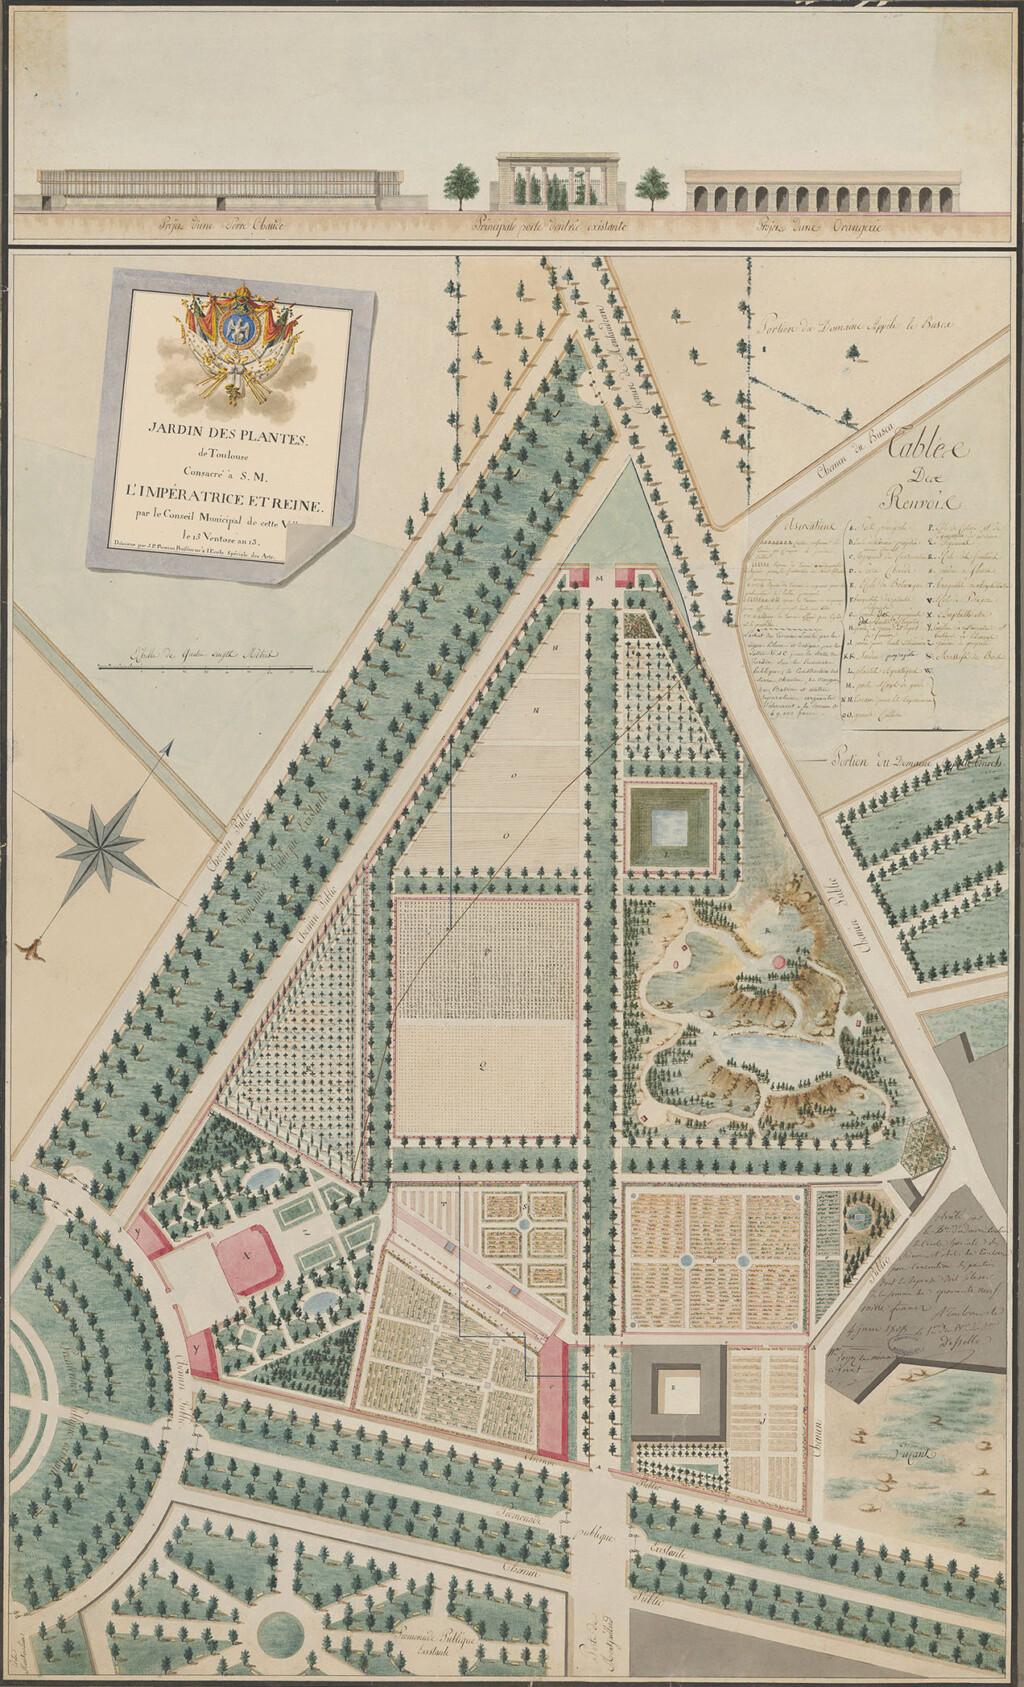 Expositions et évènements : 2021, année Napoléon. Bicentenaire de la mort de l'empereur Napoléon Ier.  - Page 2 Jardin11